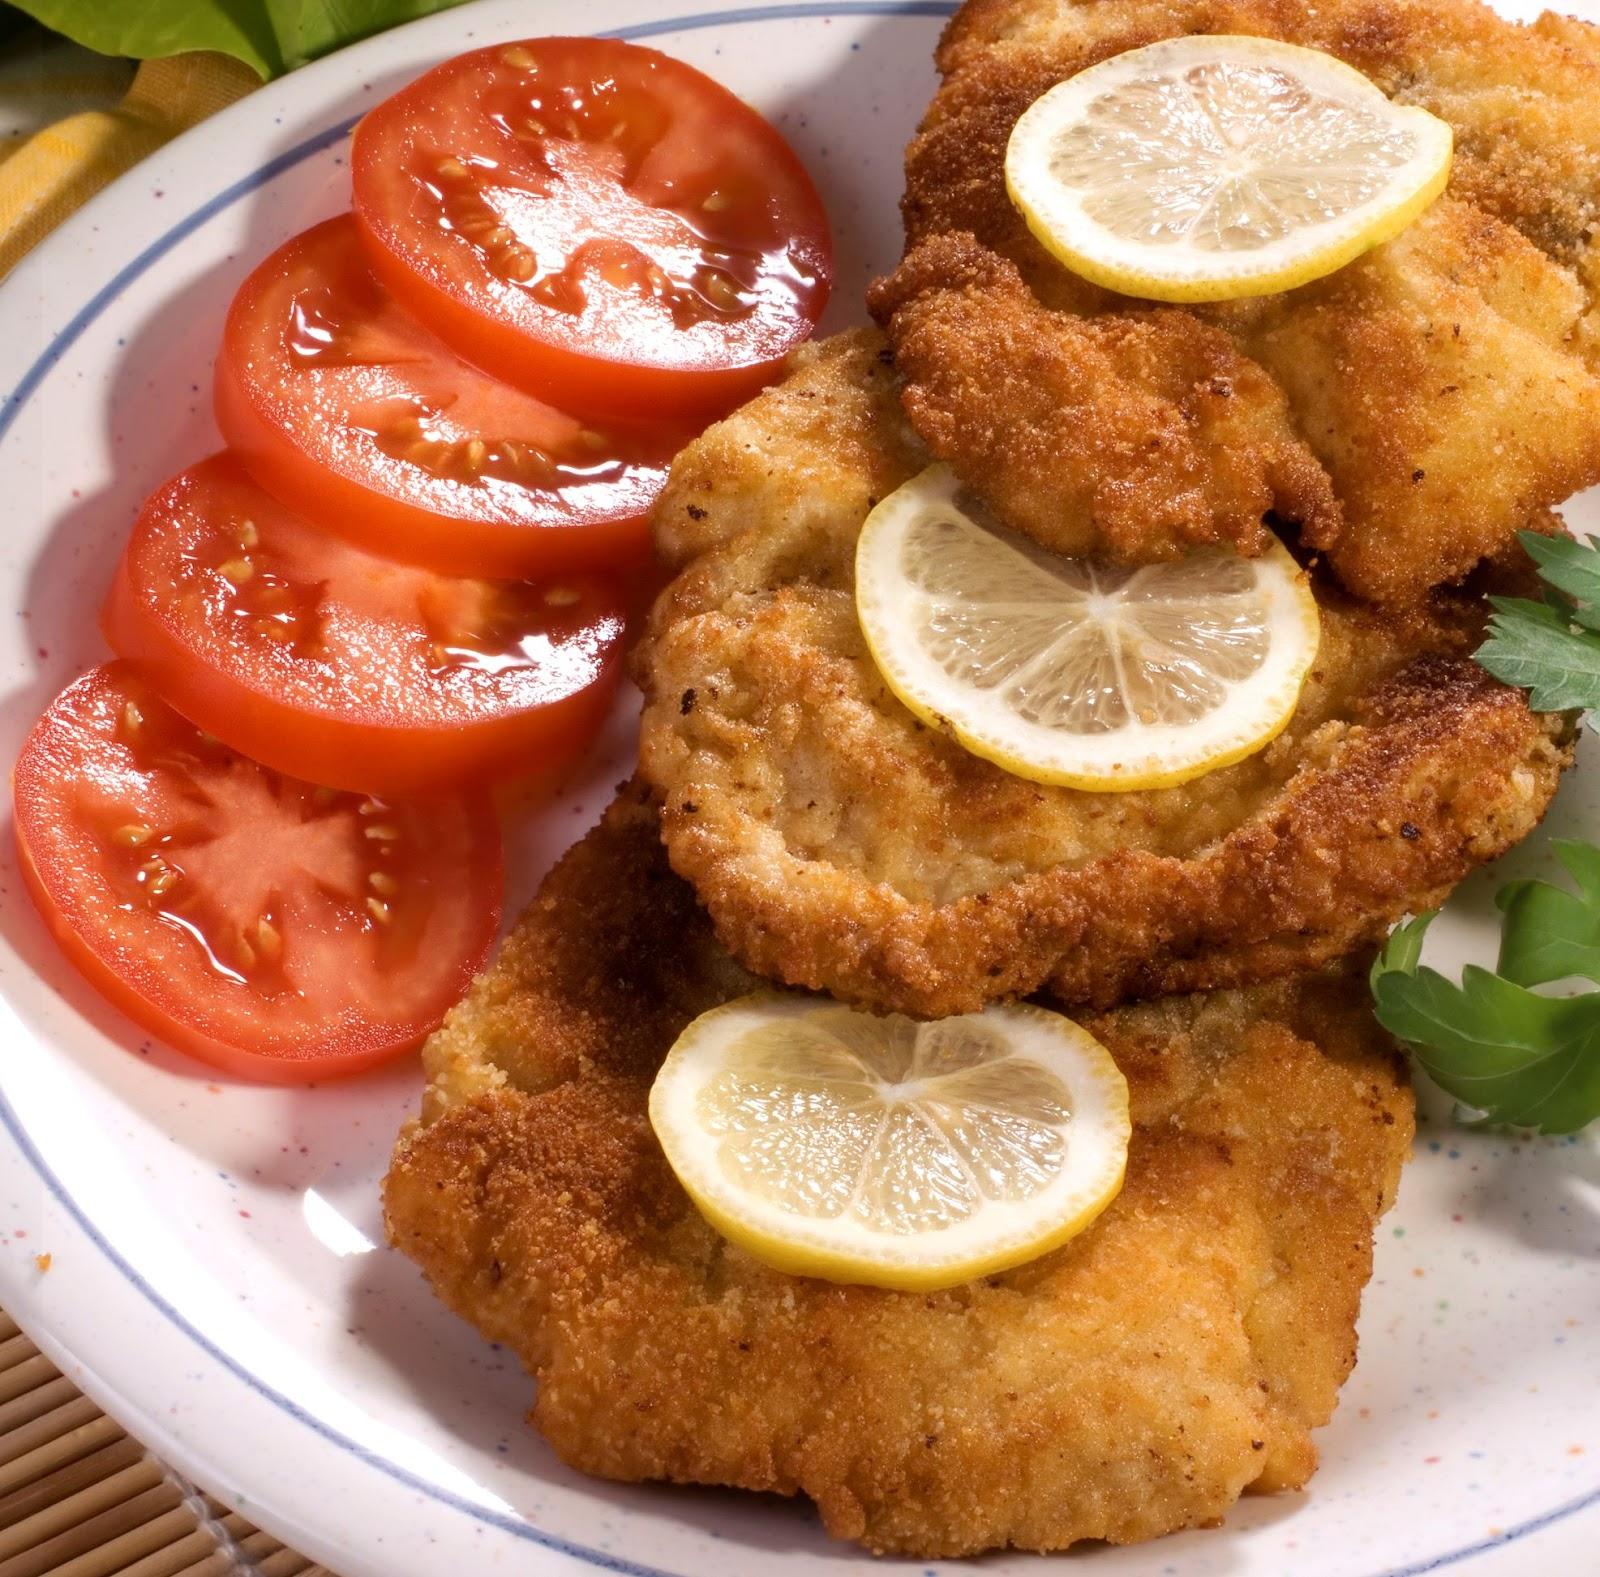 Pin by lisyser denk on comida y ensaladas pinterest - Fotos de comodas ...